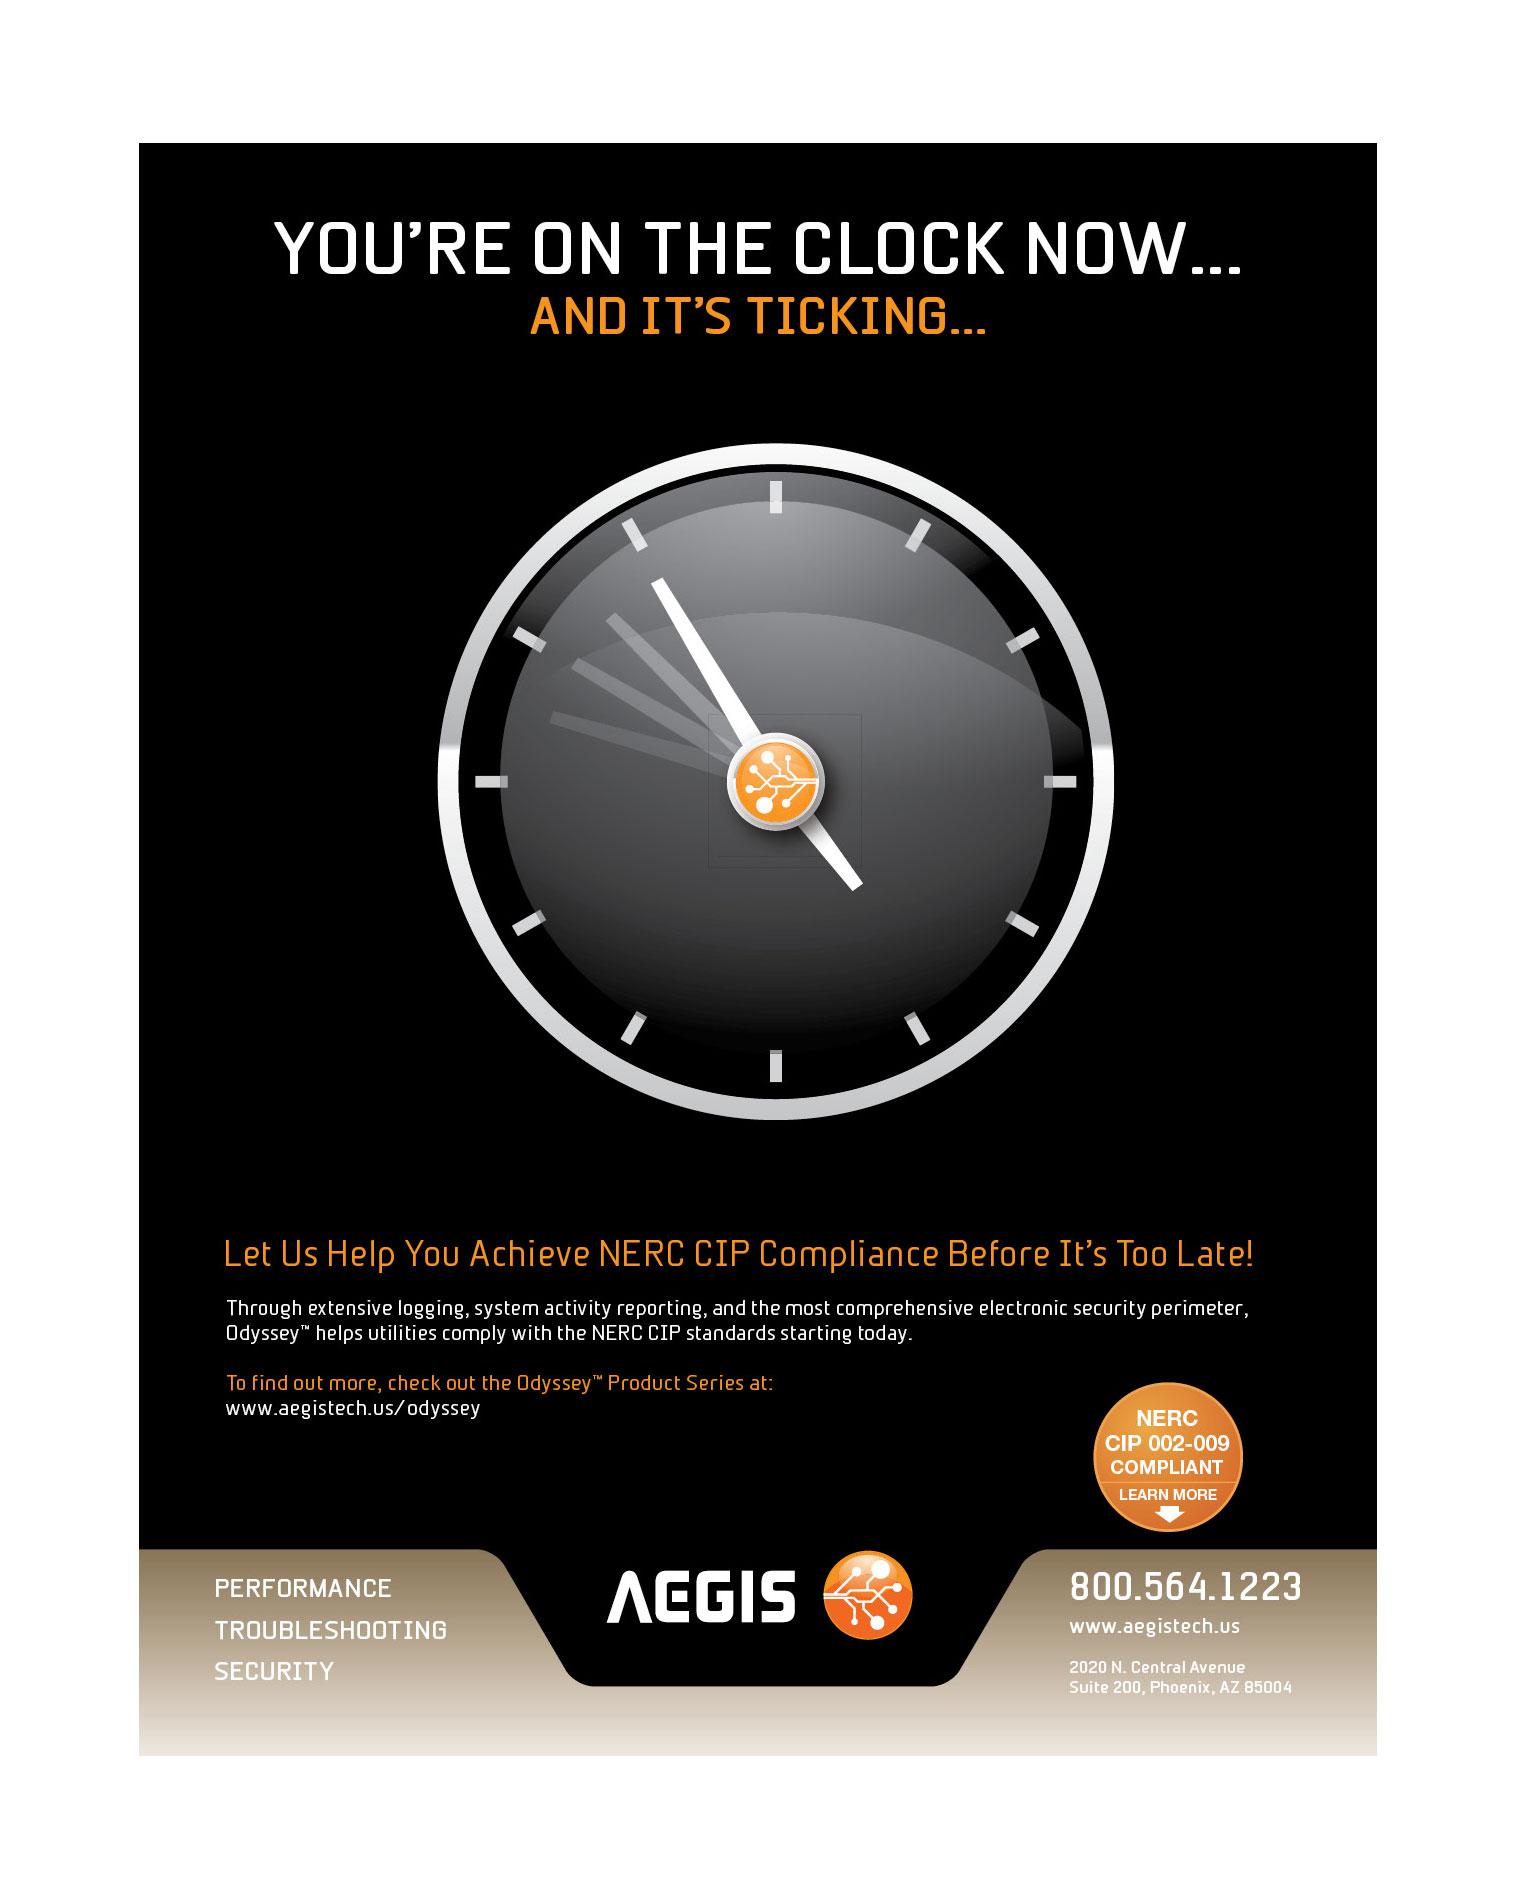 Aegis_ad-3